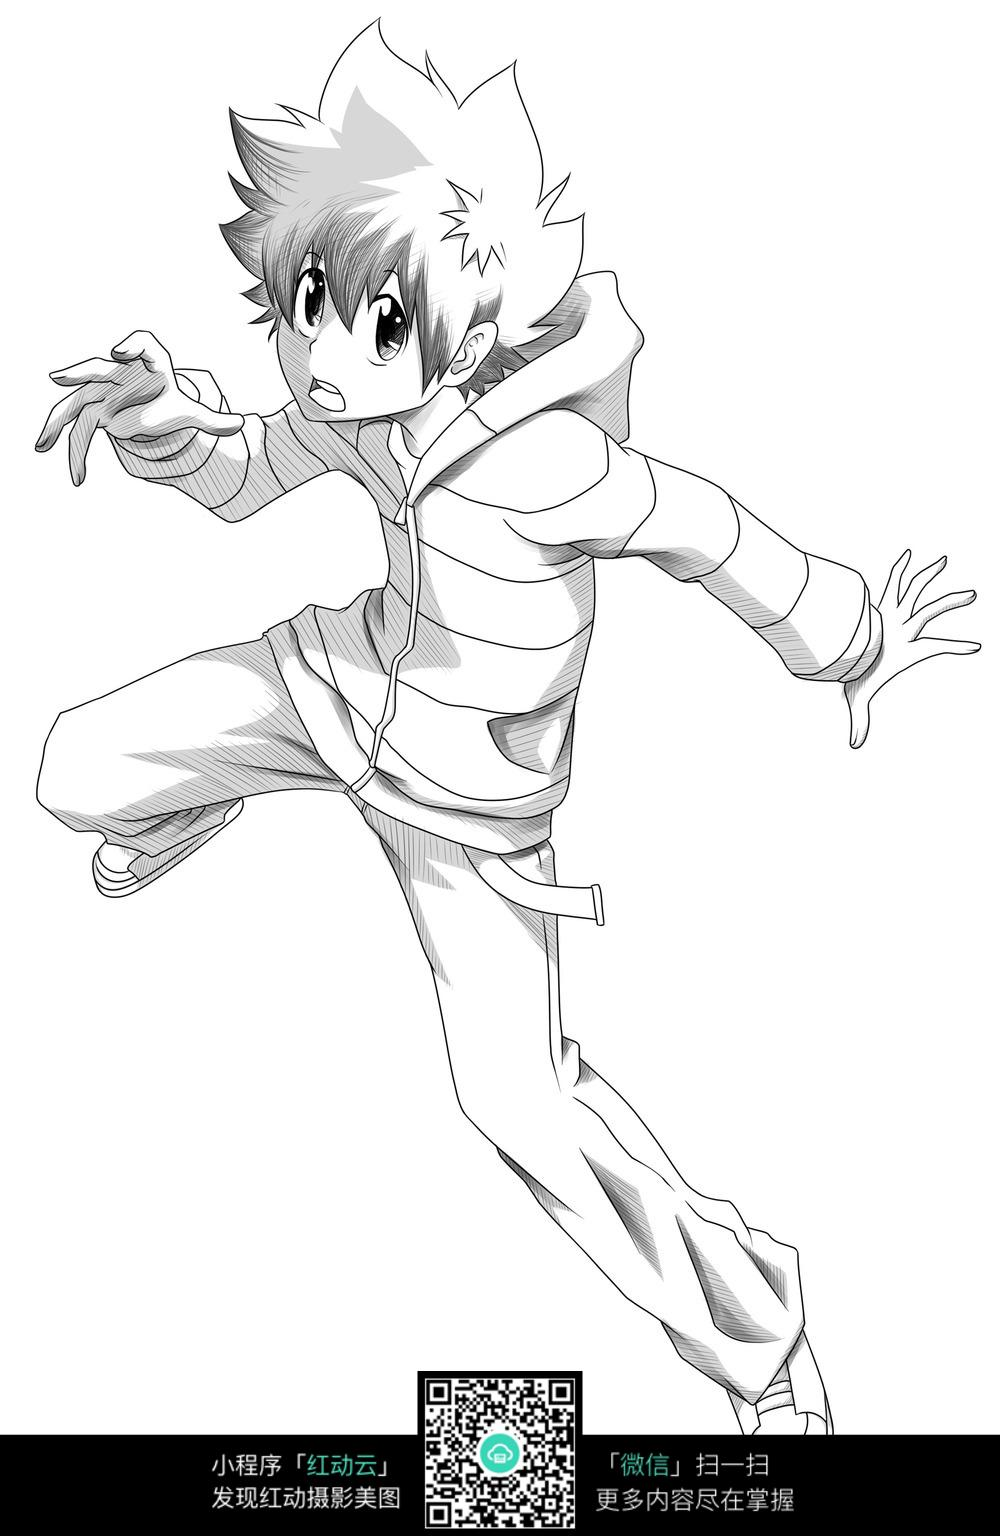 沢田纲吉全身铅笔手绘图_人物卡通图片